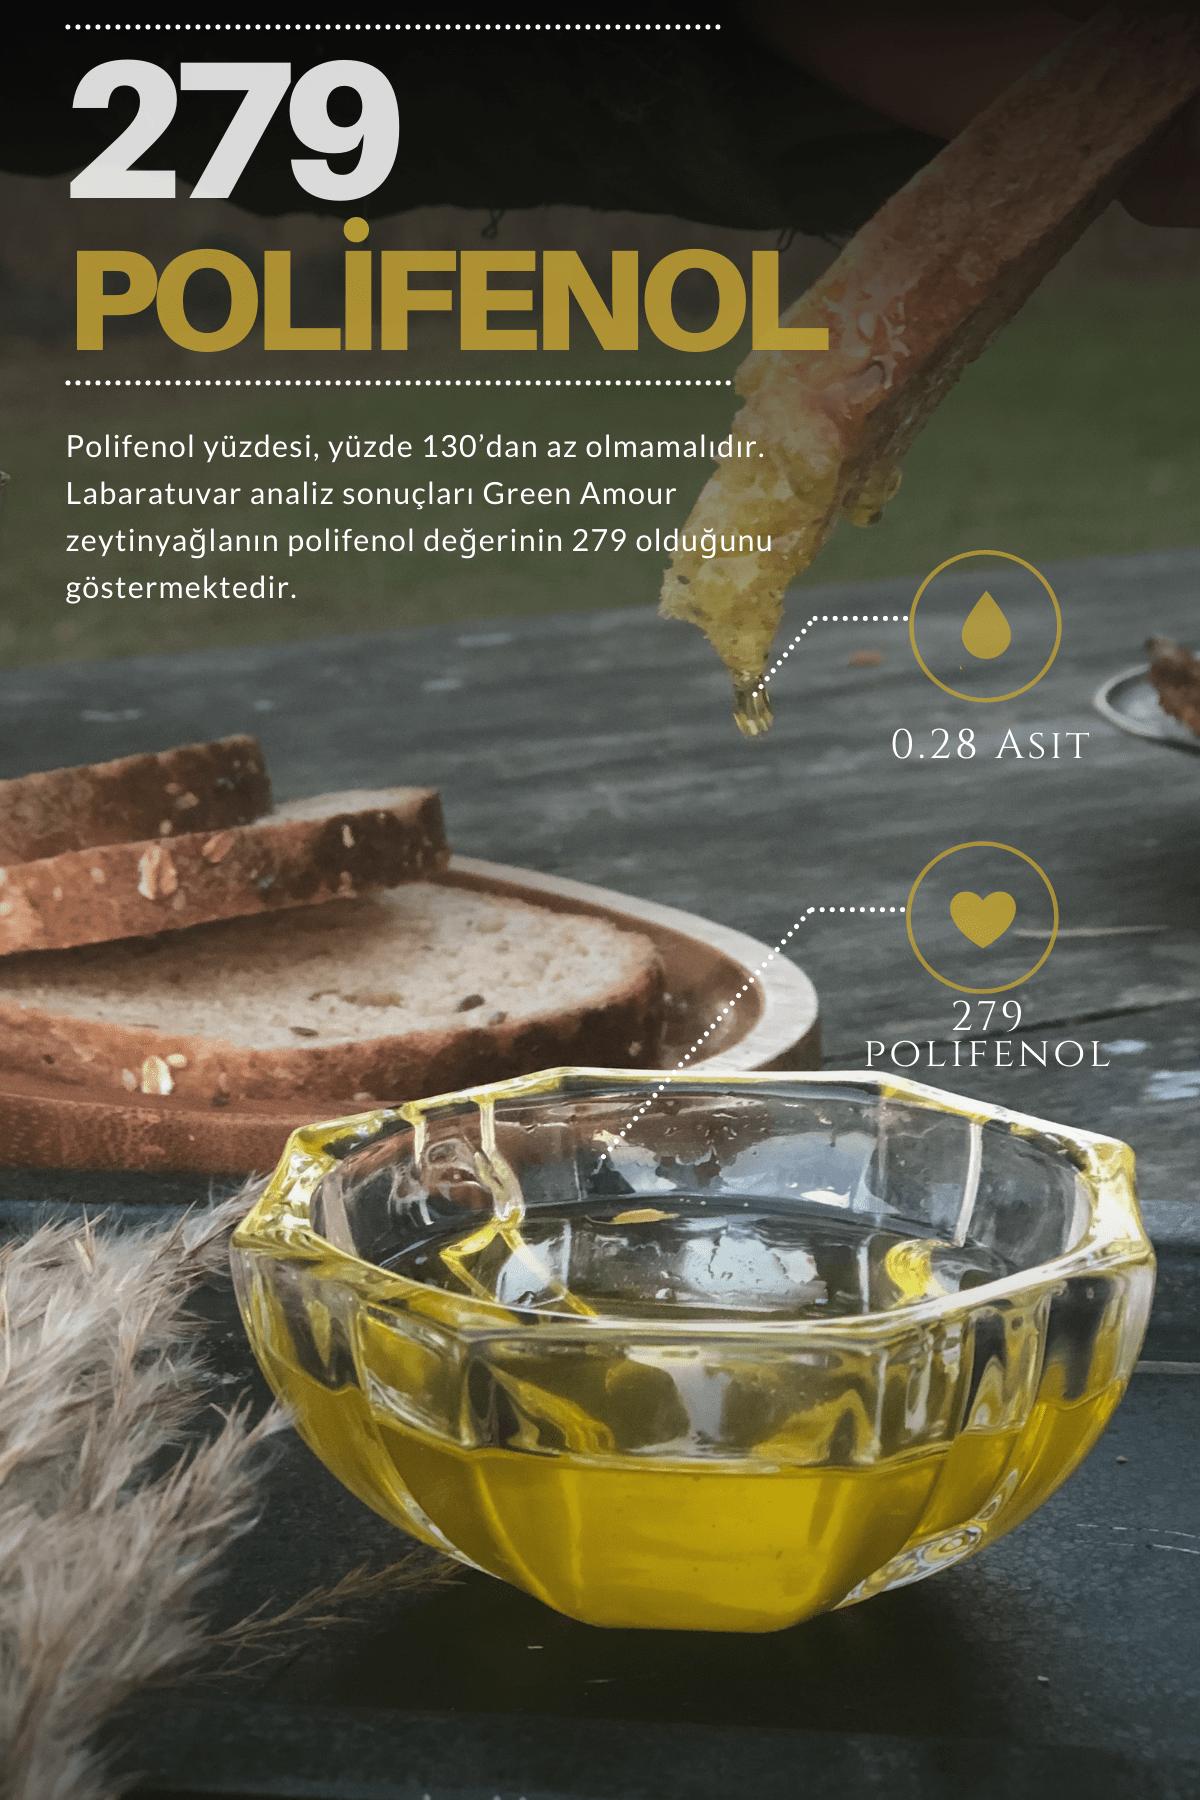 Green Amour Yeni Hasat %100 Natürel Sızma Zeytinyağı Soğuk Sıkım Düşük Asit - Yüksek Polifenol 5 lt 2